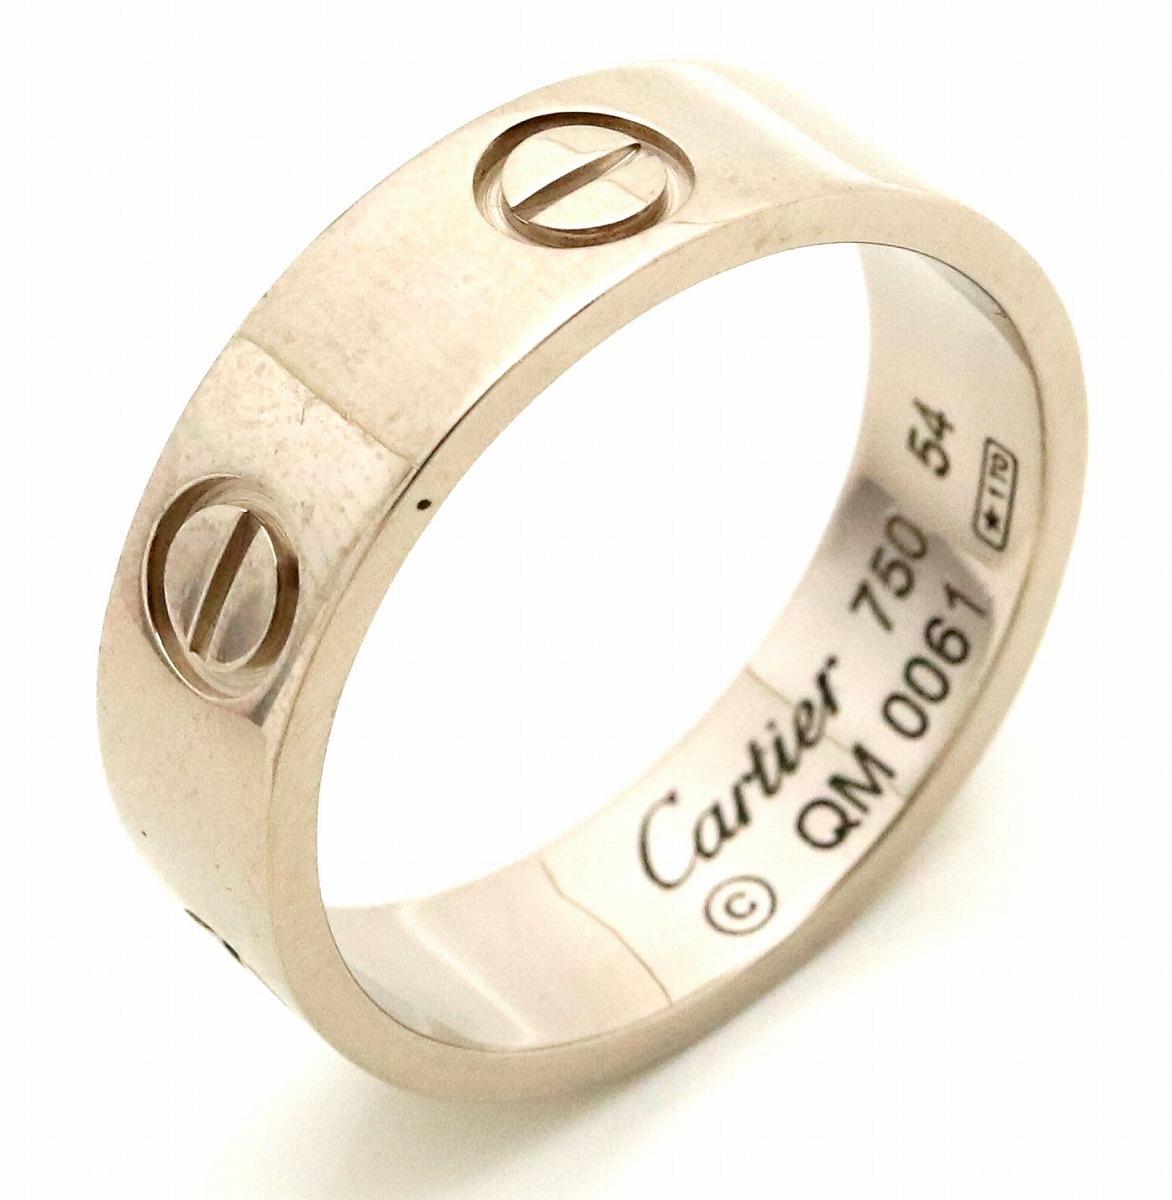 【ジュエリー】【新品仕上げ済】Cartier カルティエ ラブリング 指輪 ウエディングリング K18WG 750WG ホワイトゴールド 14号 #54 【中古】